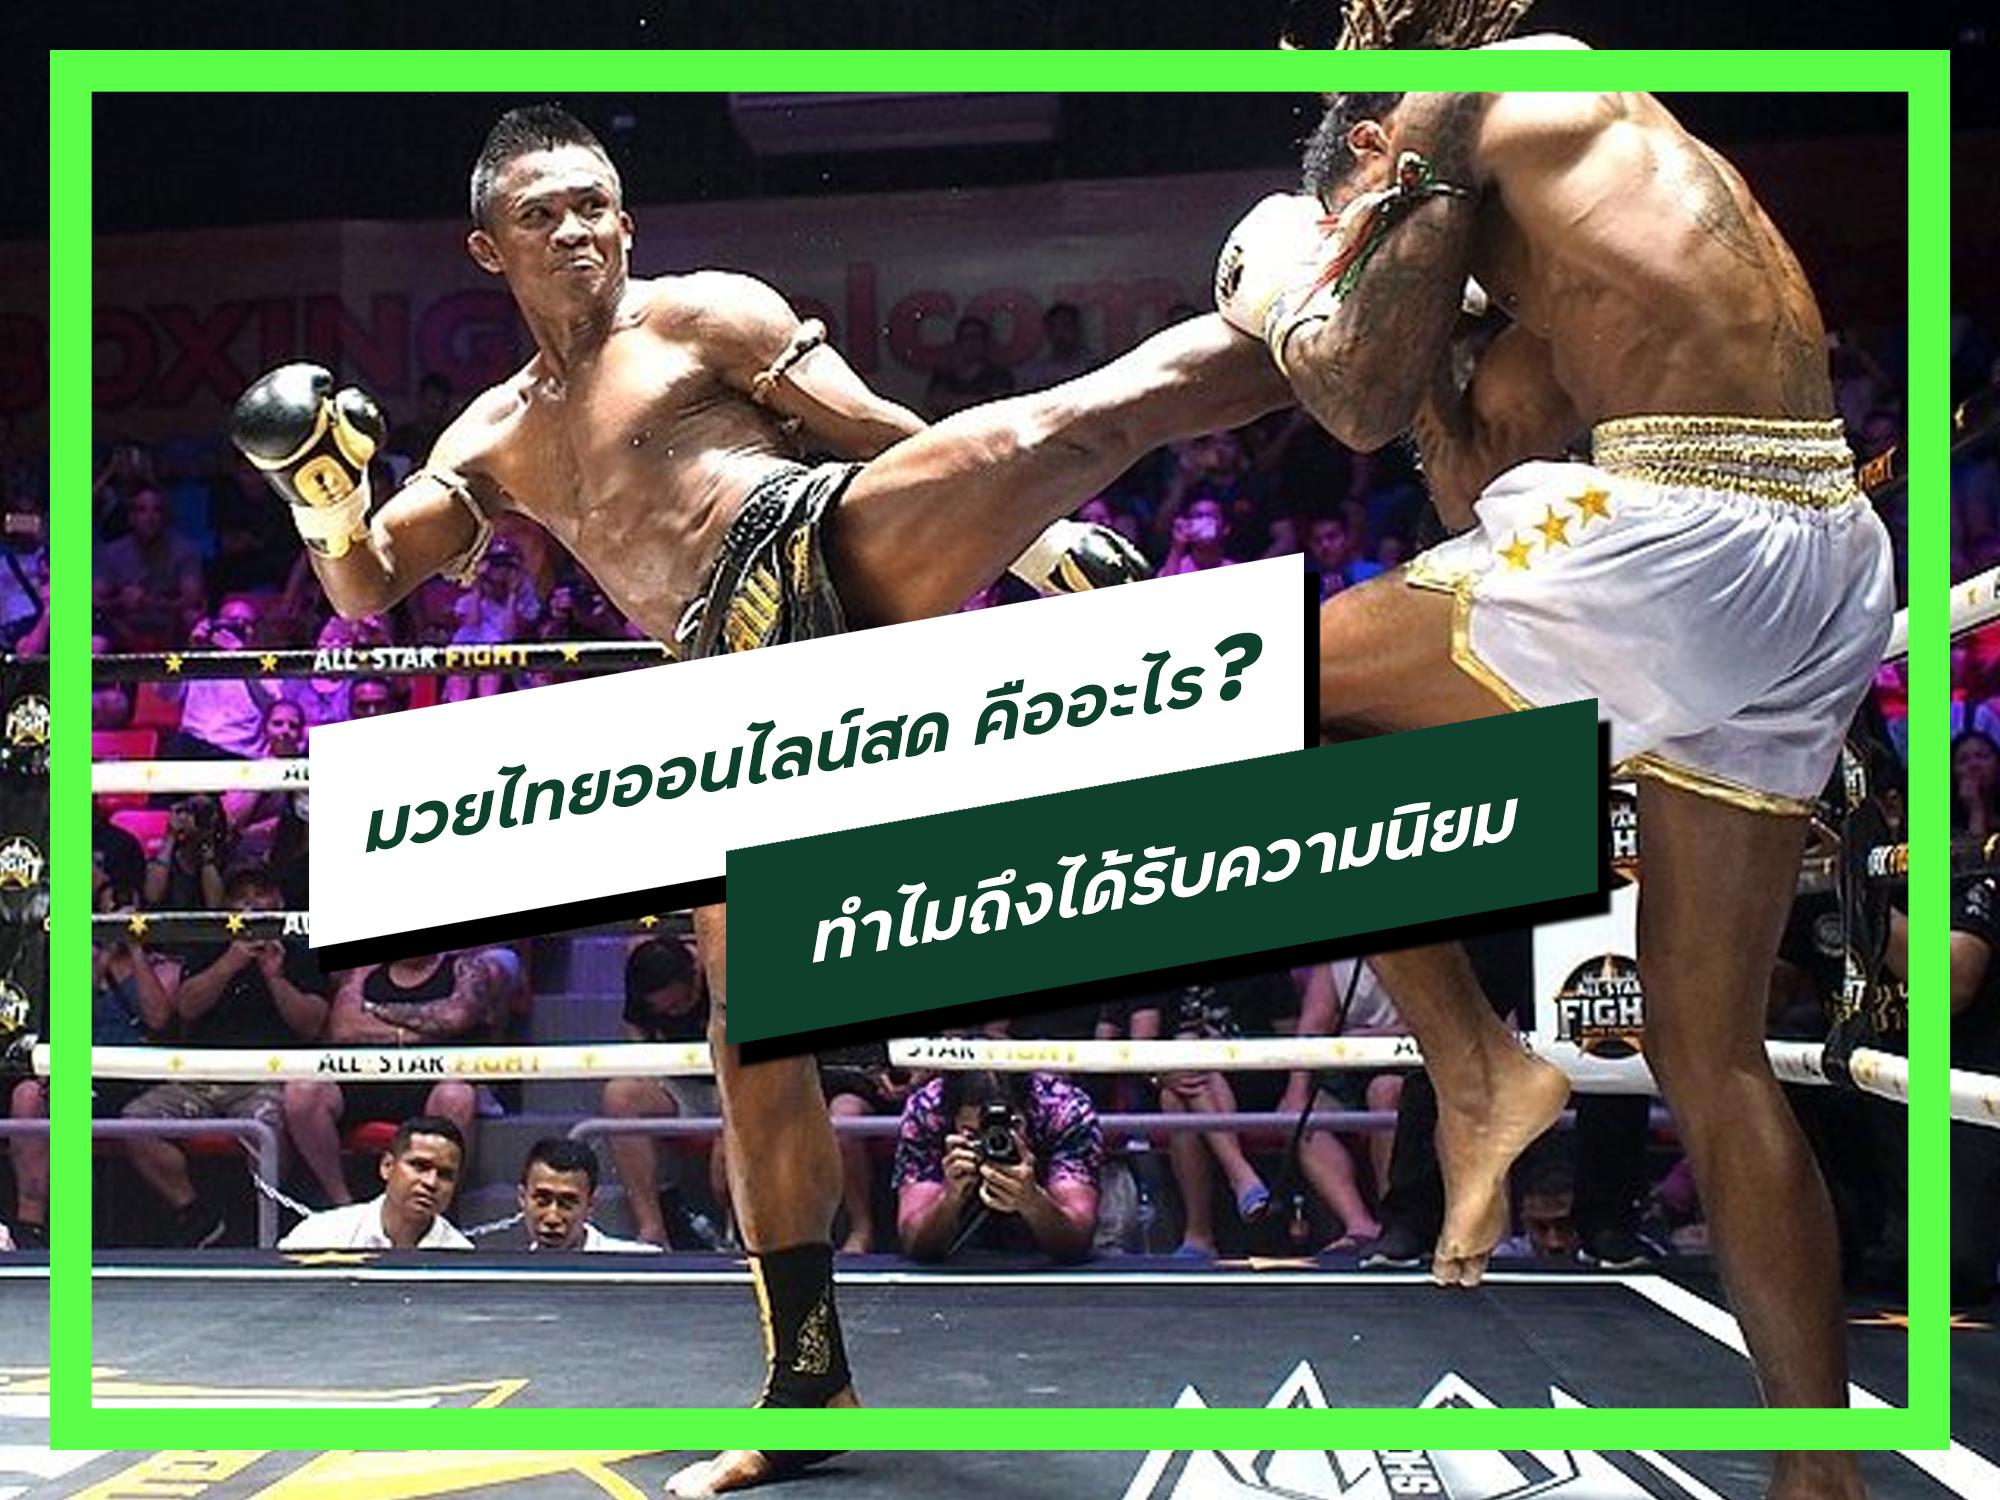 มวยไทยออนไลน์สด คืออะไร ทำไมถึงได้รับความนิยม